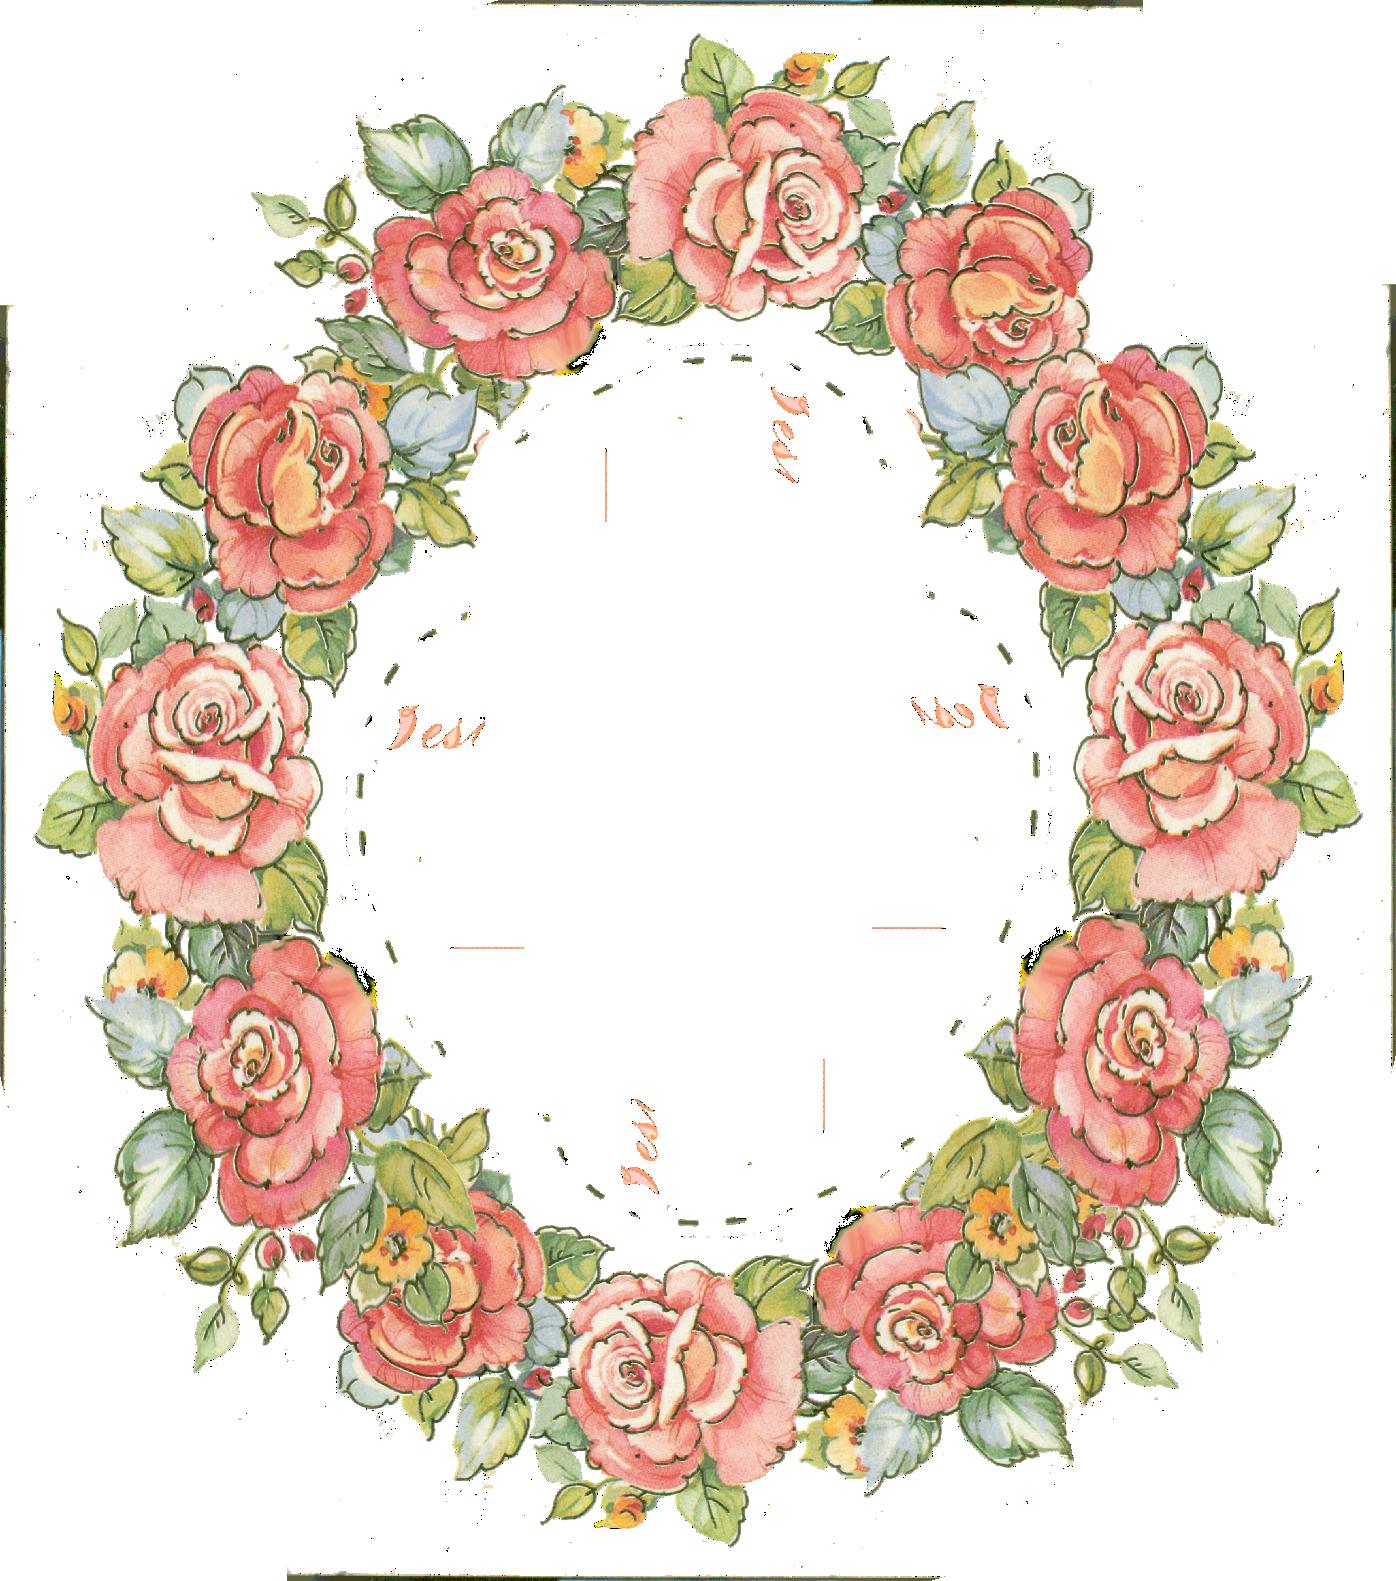 digital vintage rose frame free download - Download Picture Frames